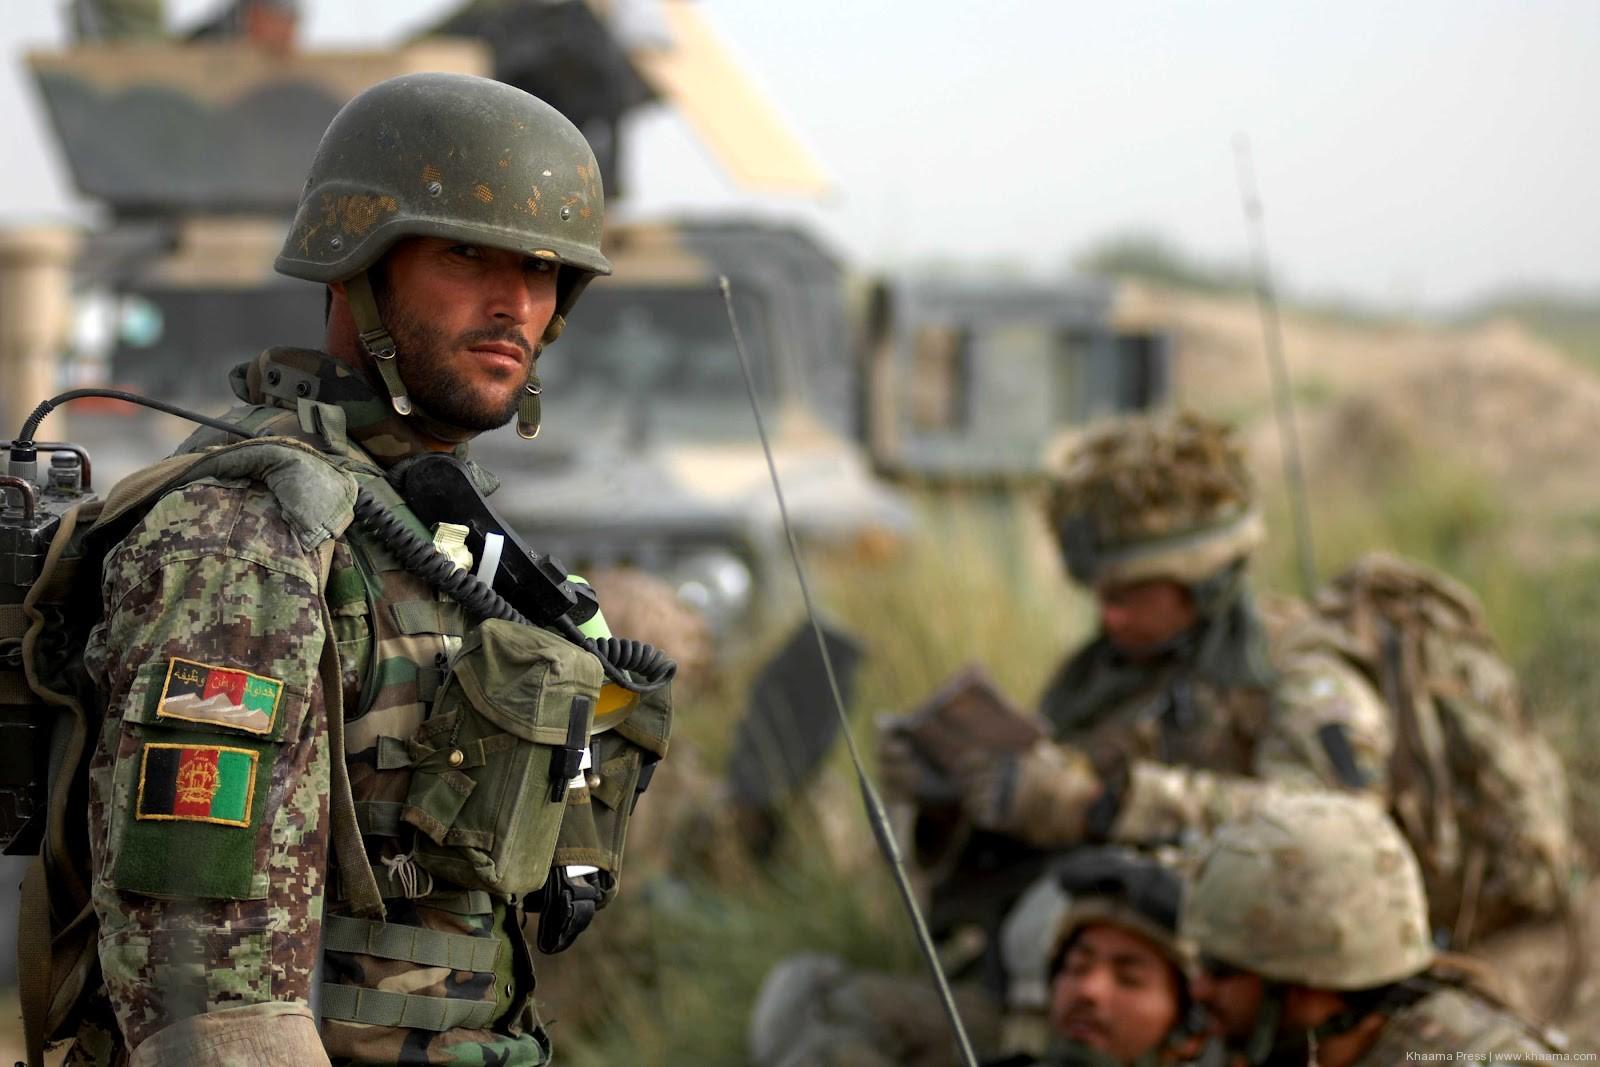 الامن الافغاني تعلن قتل 16 مسلحا بتسع ولايات